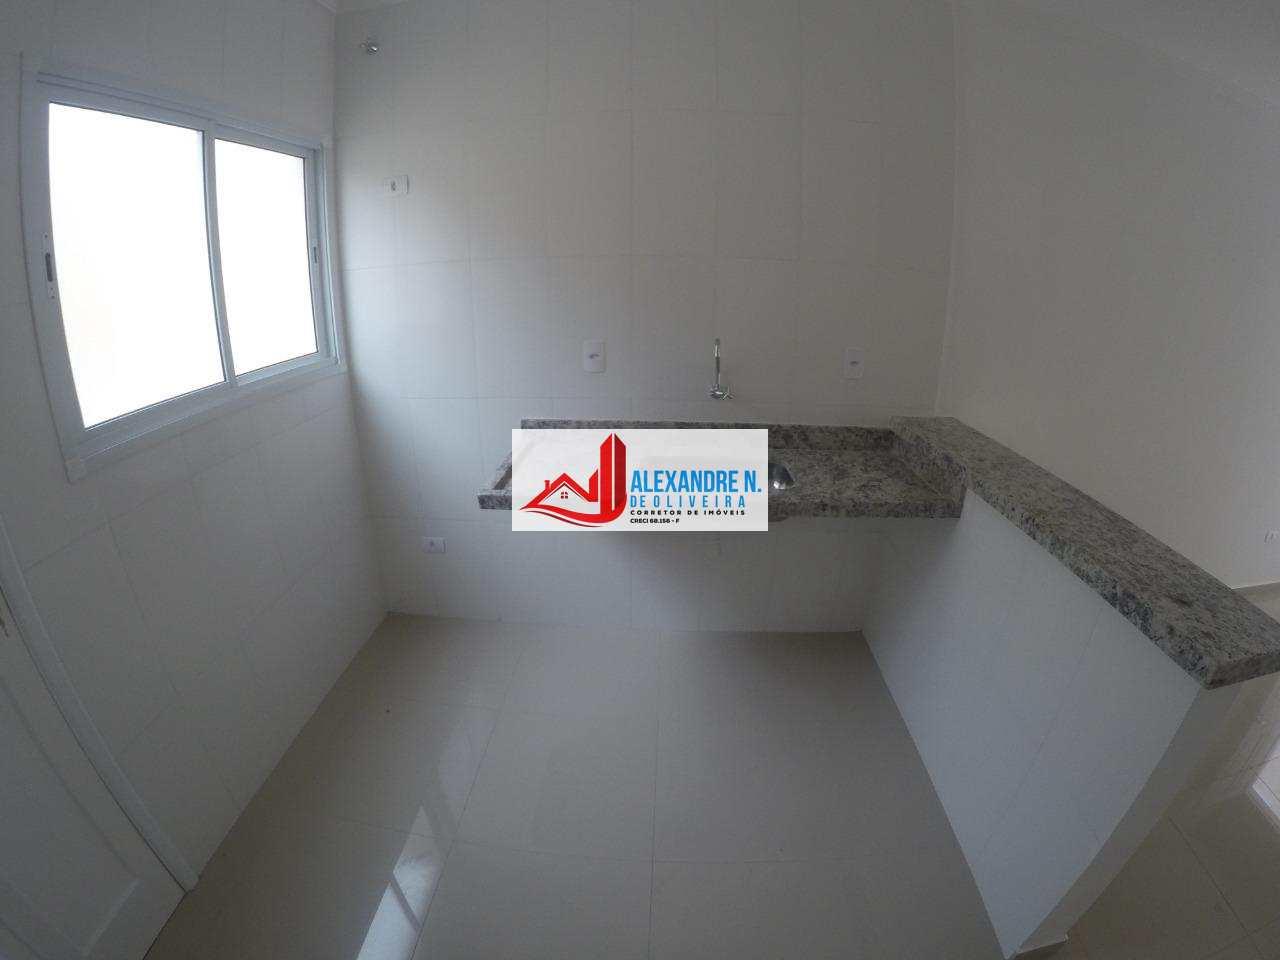 Sobrado novo, 2 dorms, 2 wcs, Praia Grande, R$ 195 mil, SB00006